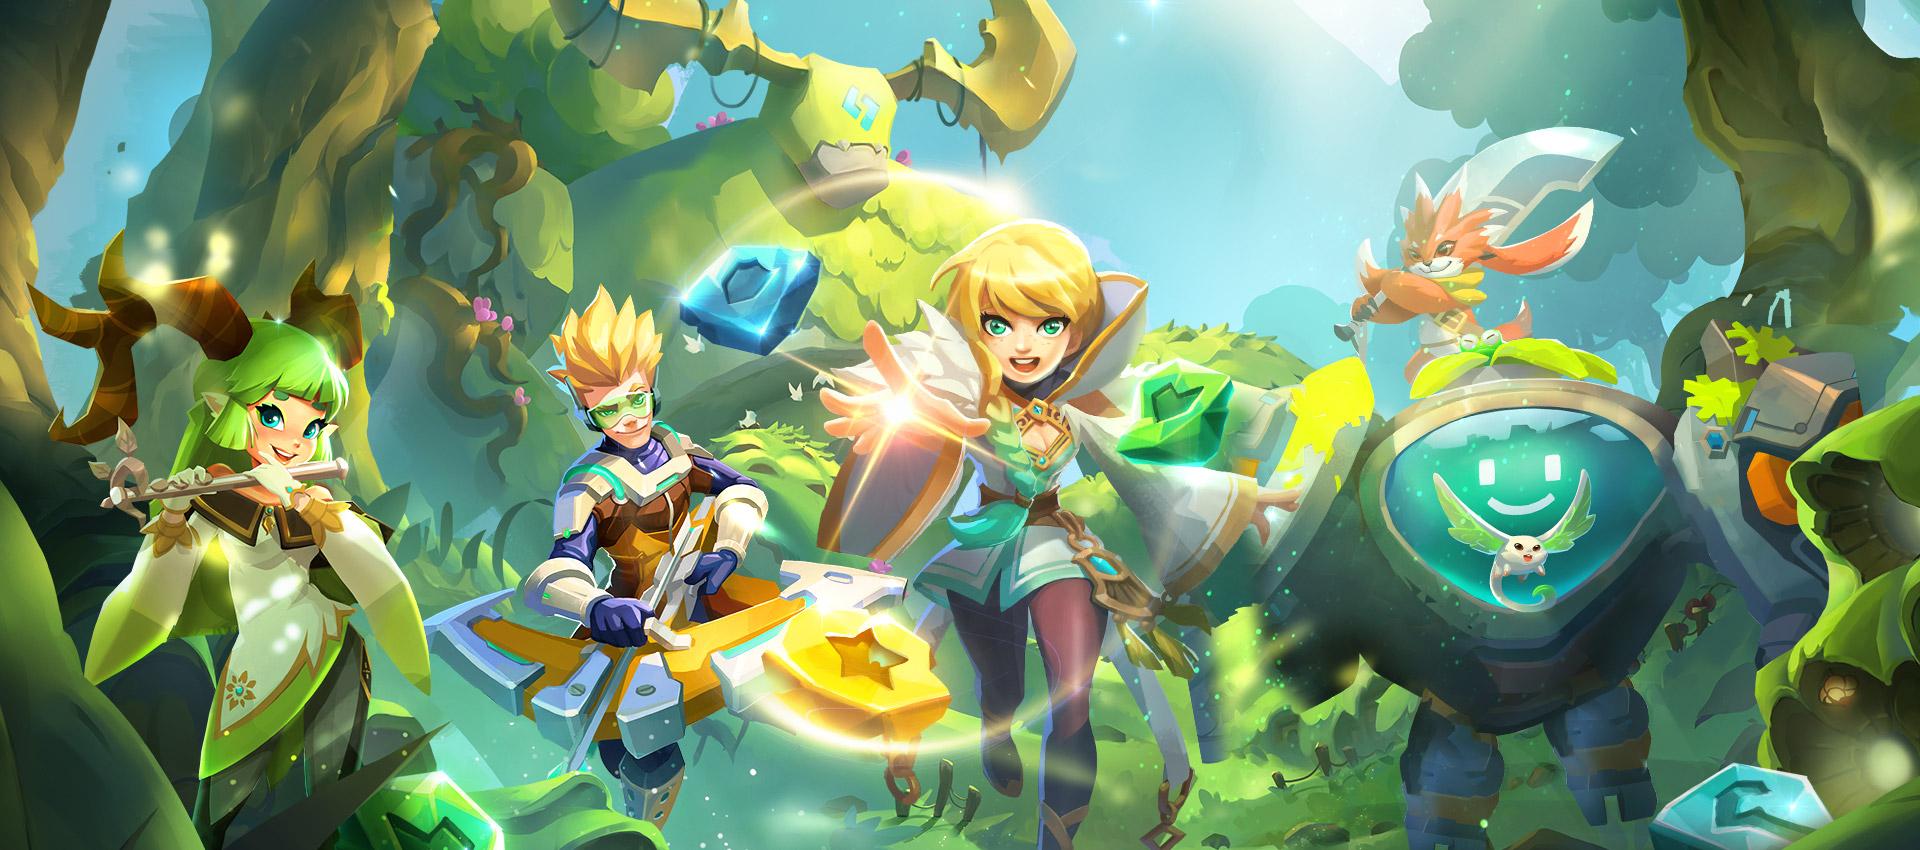 I Got Games Global Free Online Games Portal